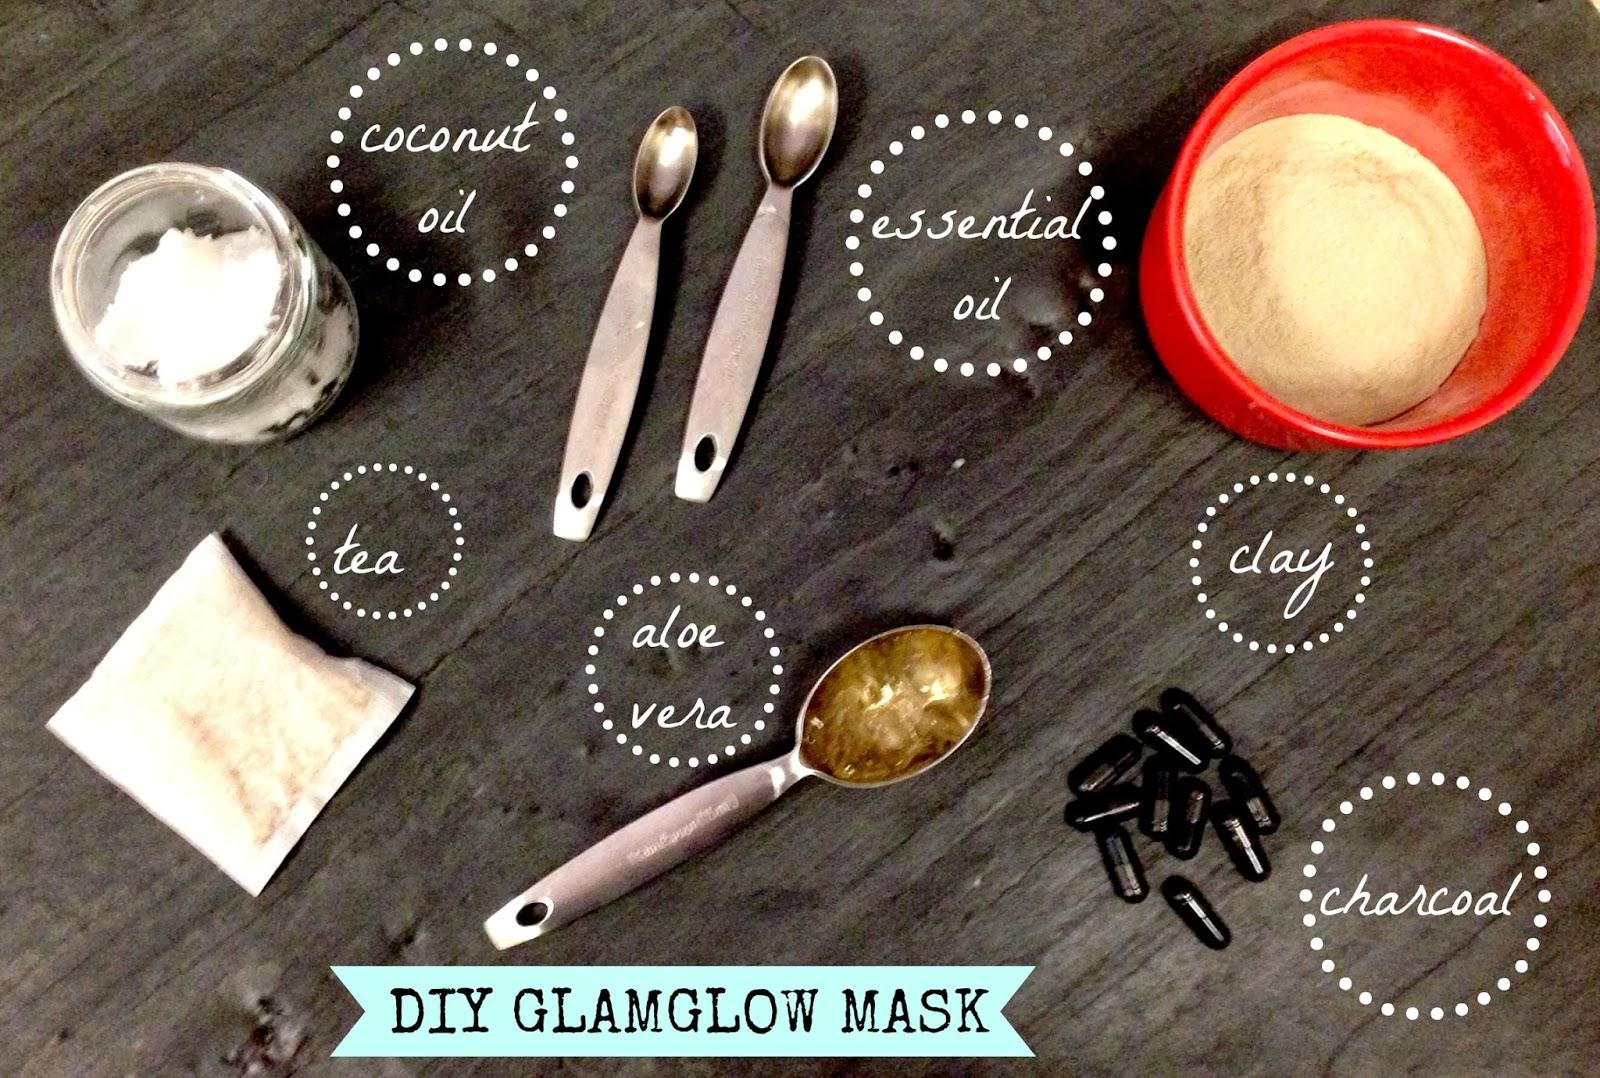 Homemade facial mud mask recipes